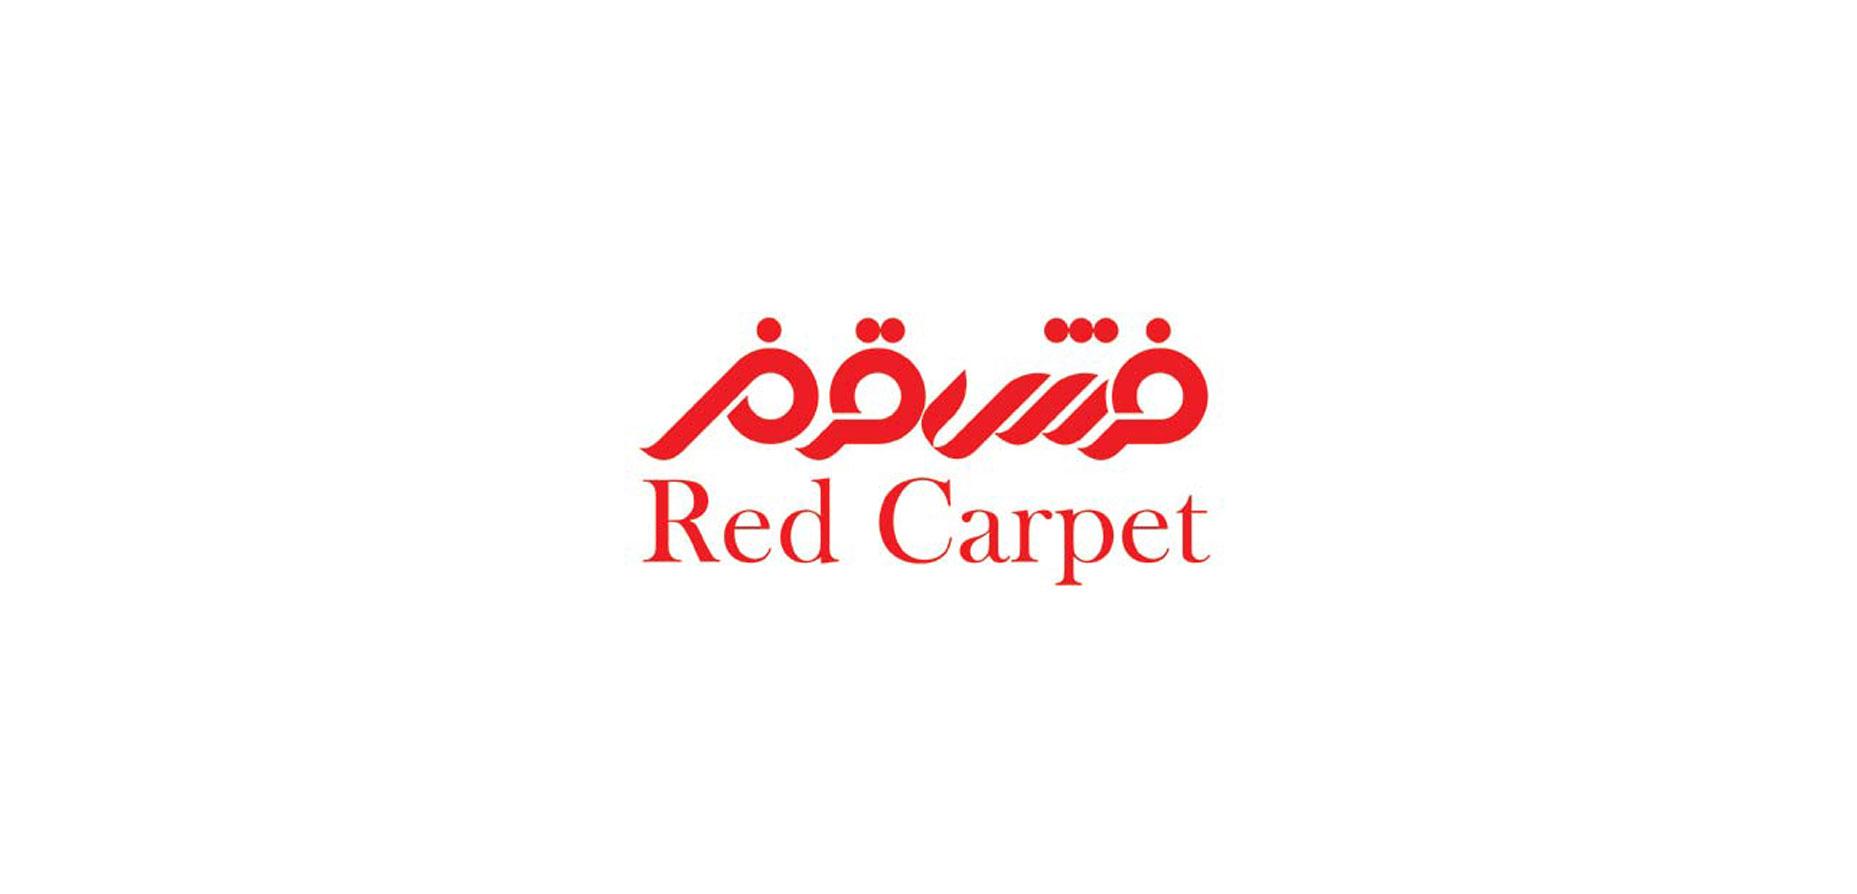 خدمات > طراحی گرافیک > طراحی لوگو و آرم   طراحی غرفه نمایشگاهیطراحی لوگو فرش قرمز